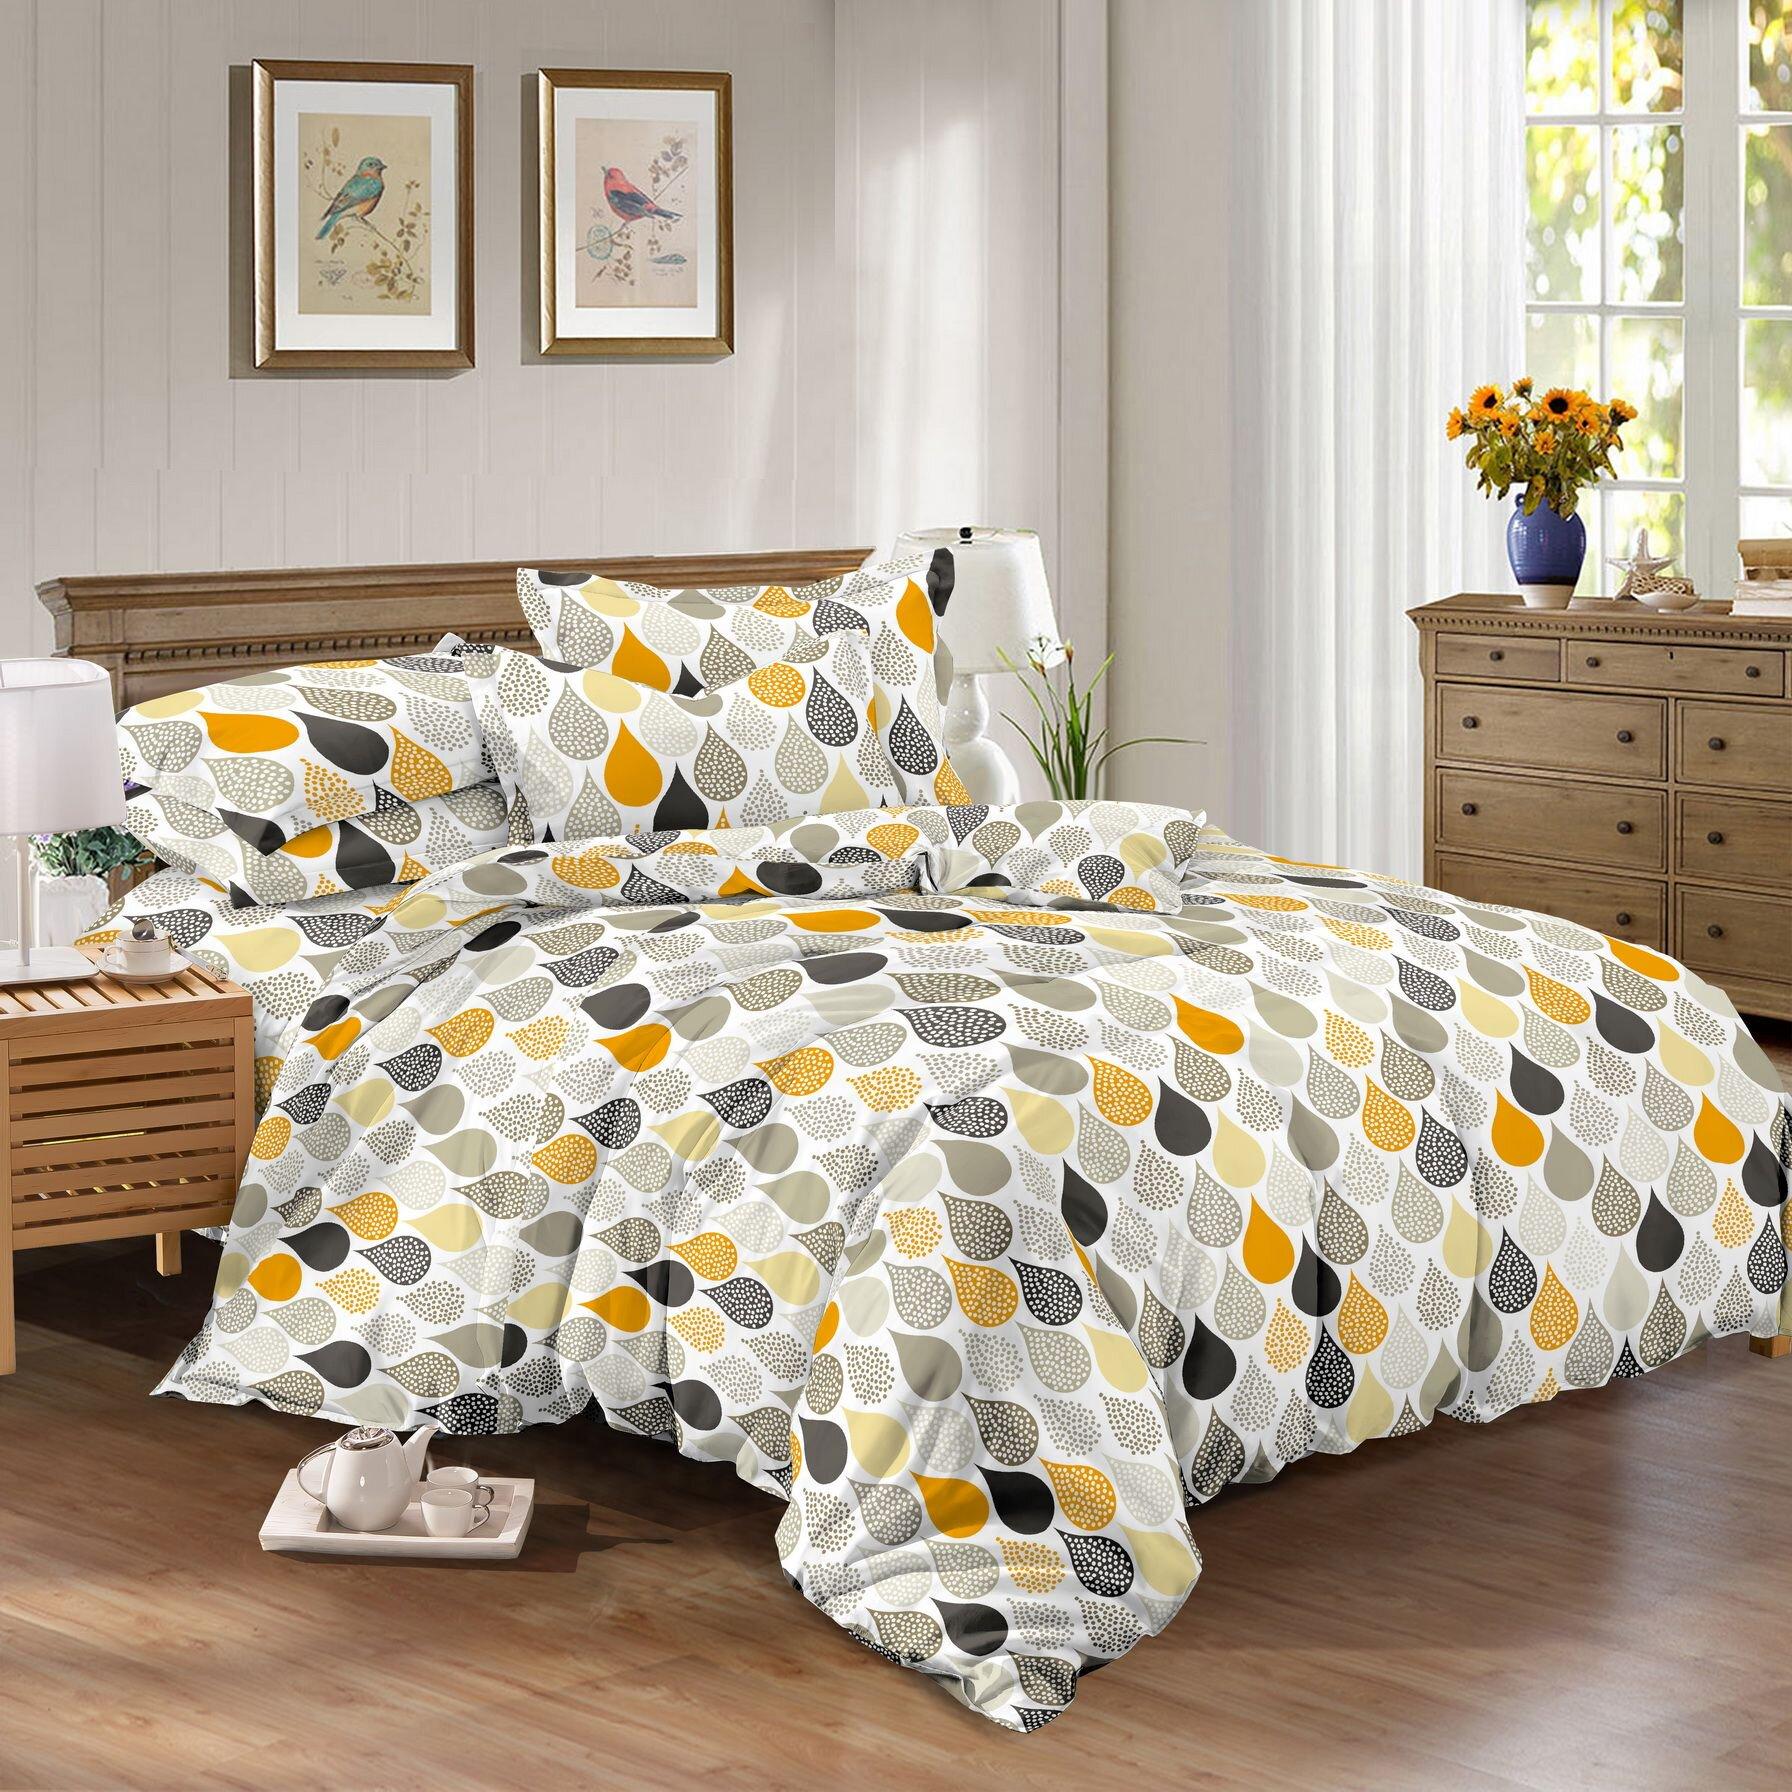 Комплекты постельного белья Guten Morgen dia485238